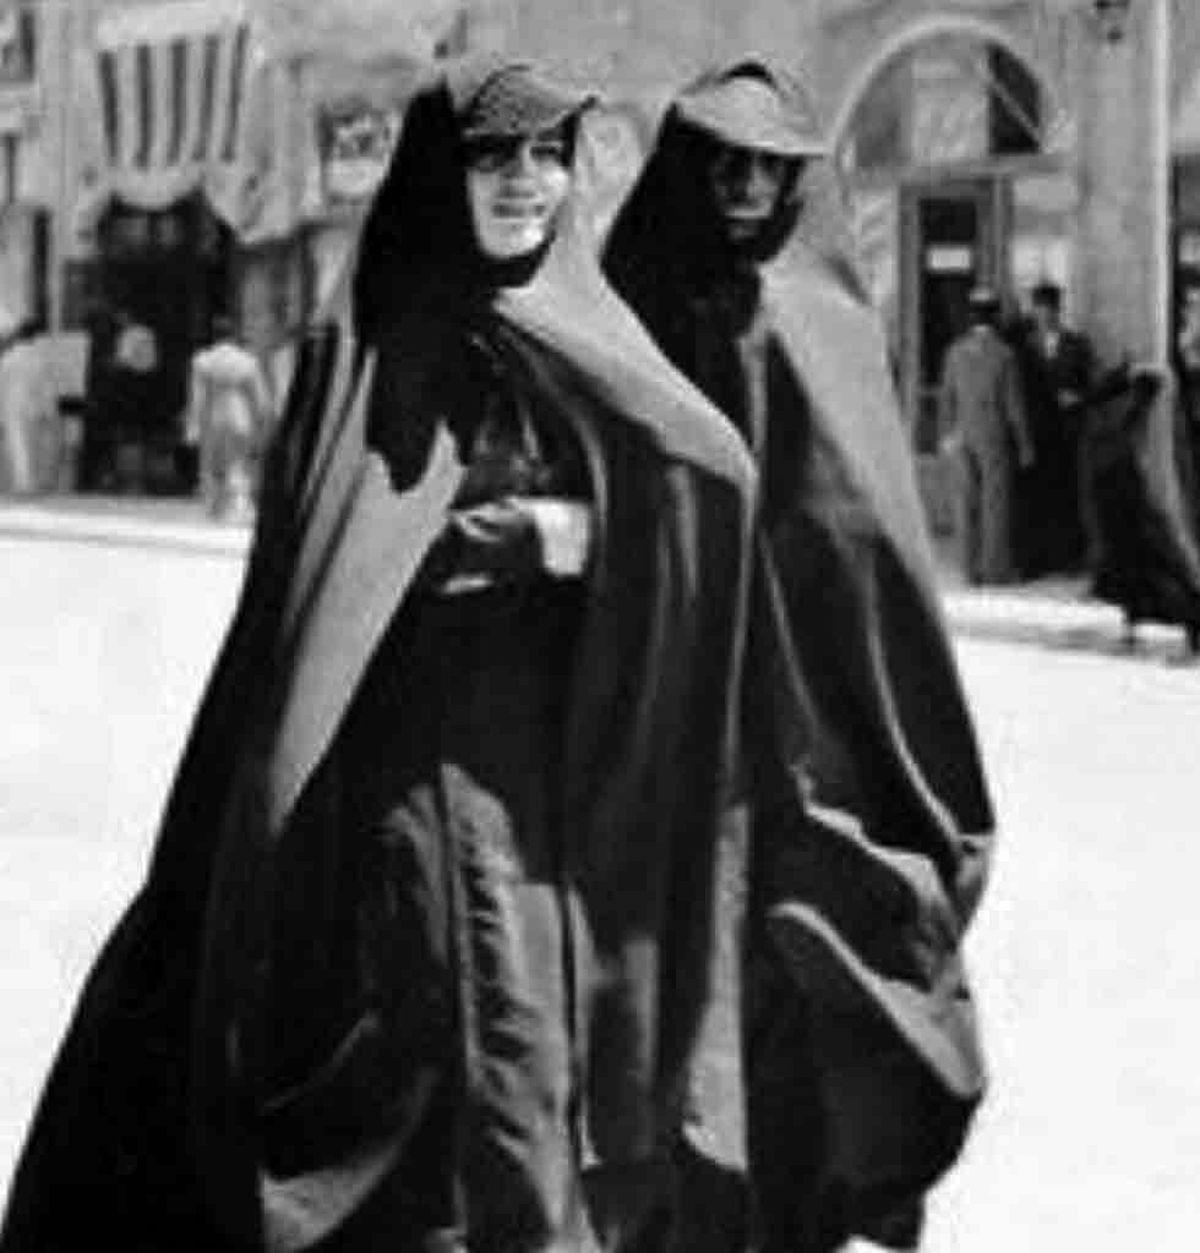 پوشش زنان تهرانی در سال ۱۳۱۳